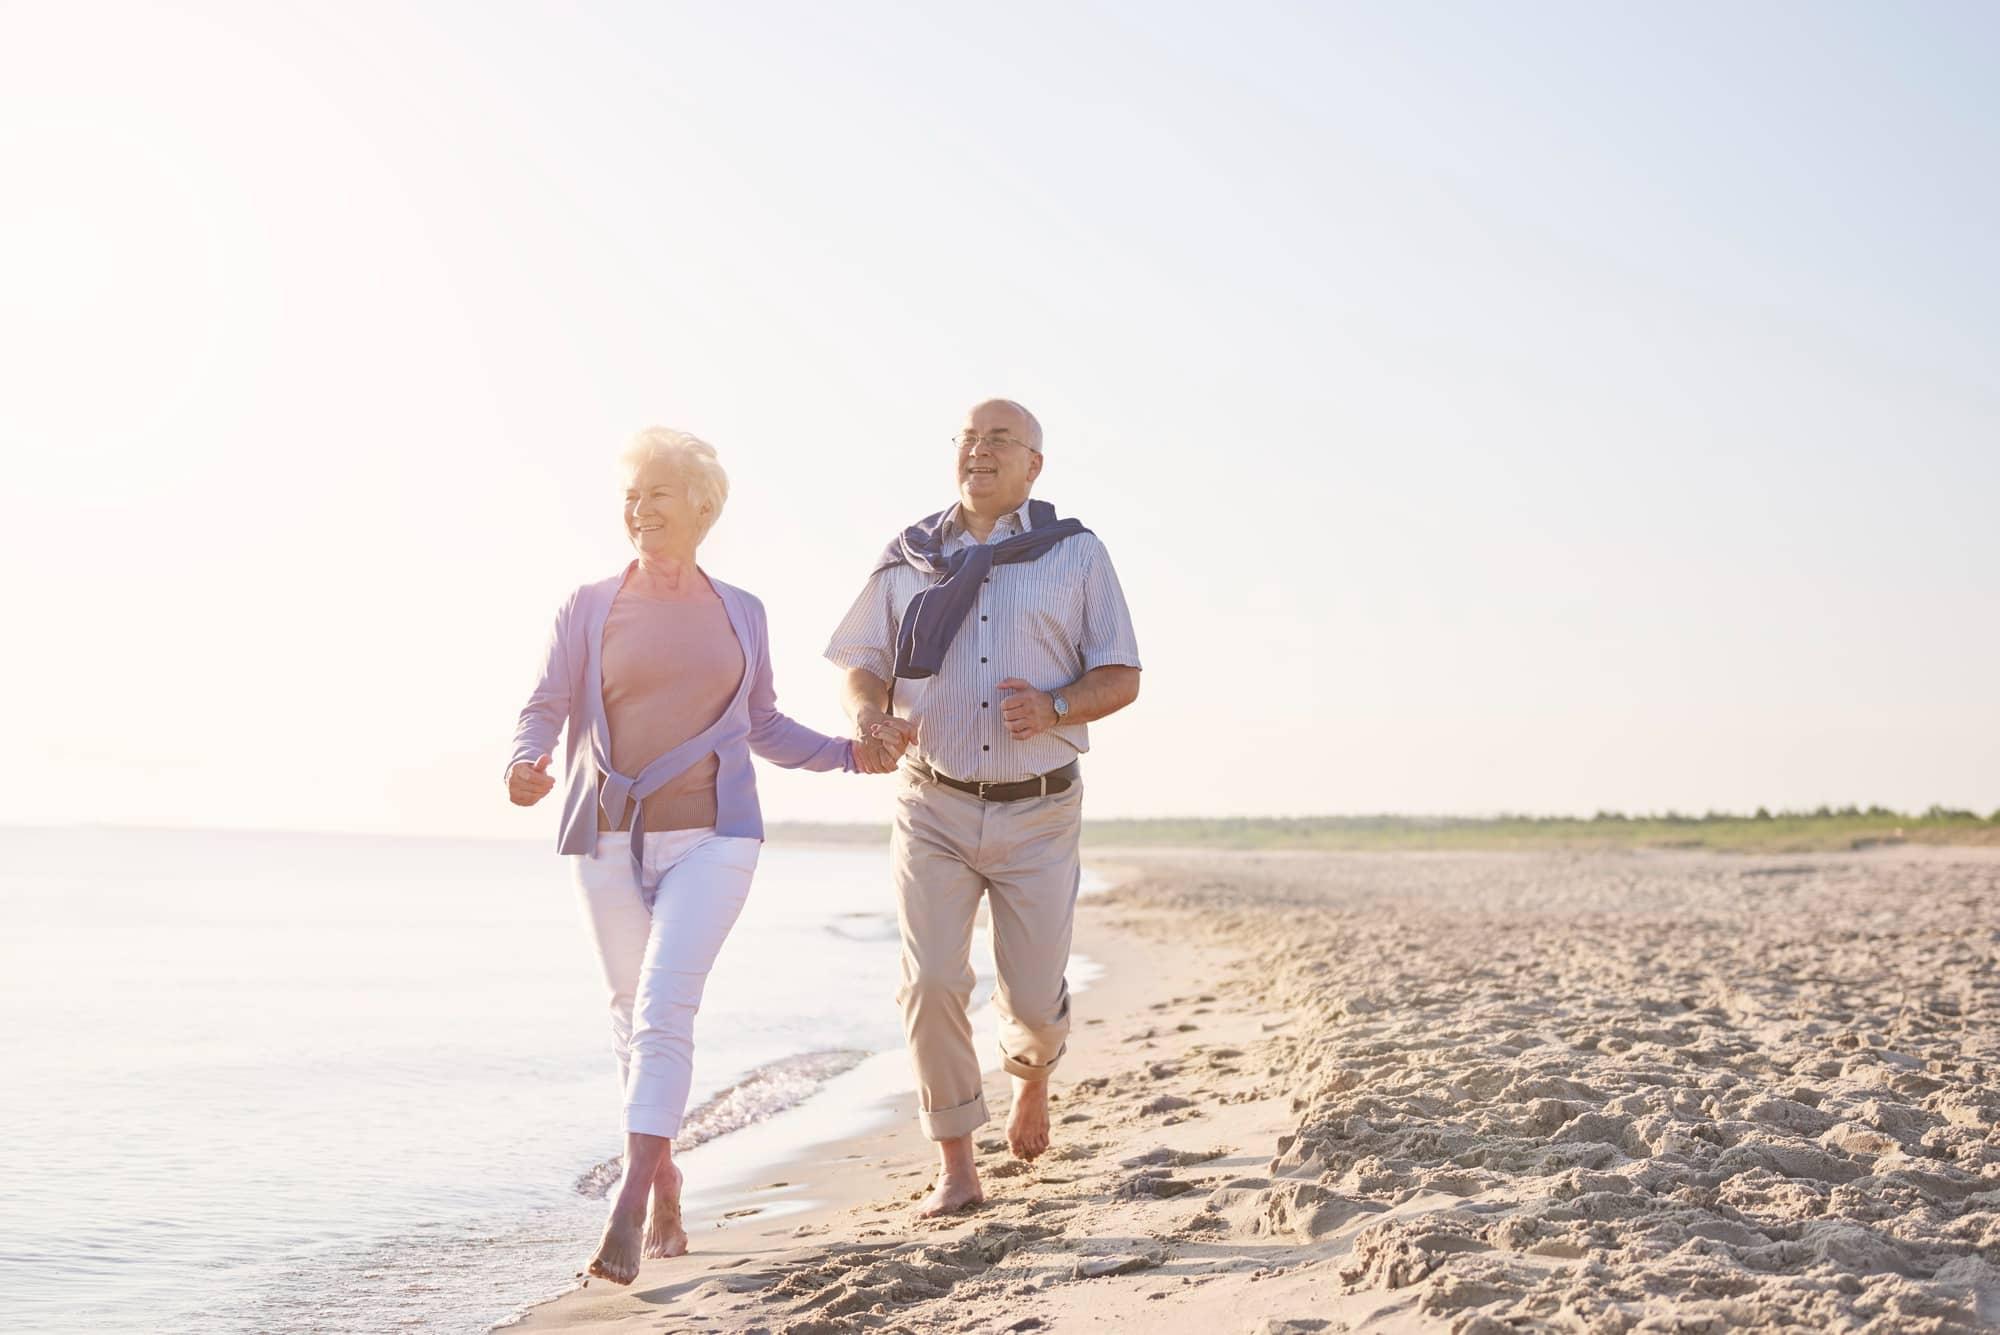 Долгожители поделились ежедневной рутиной, что поможет встретить сотый день рождения Здоровье,Активность,Возраст,Жизнь,Правила